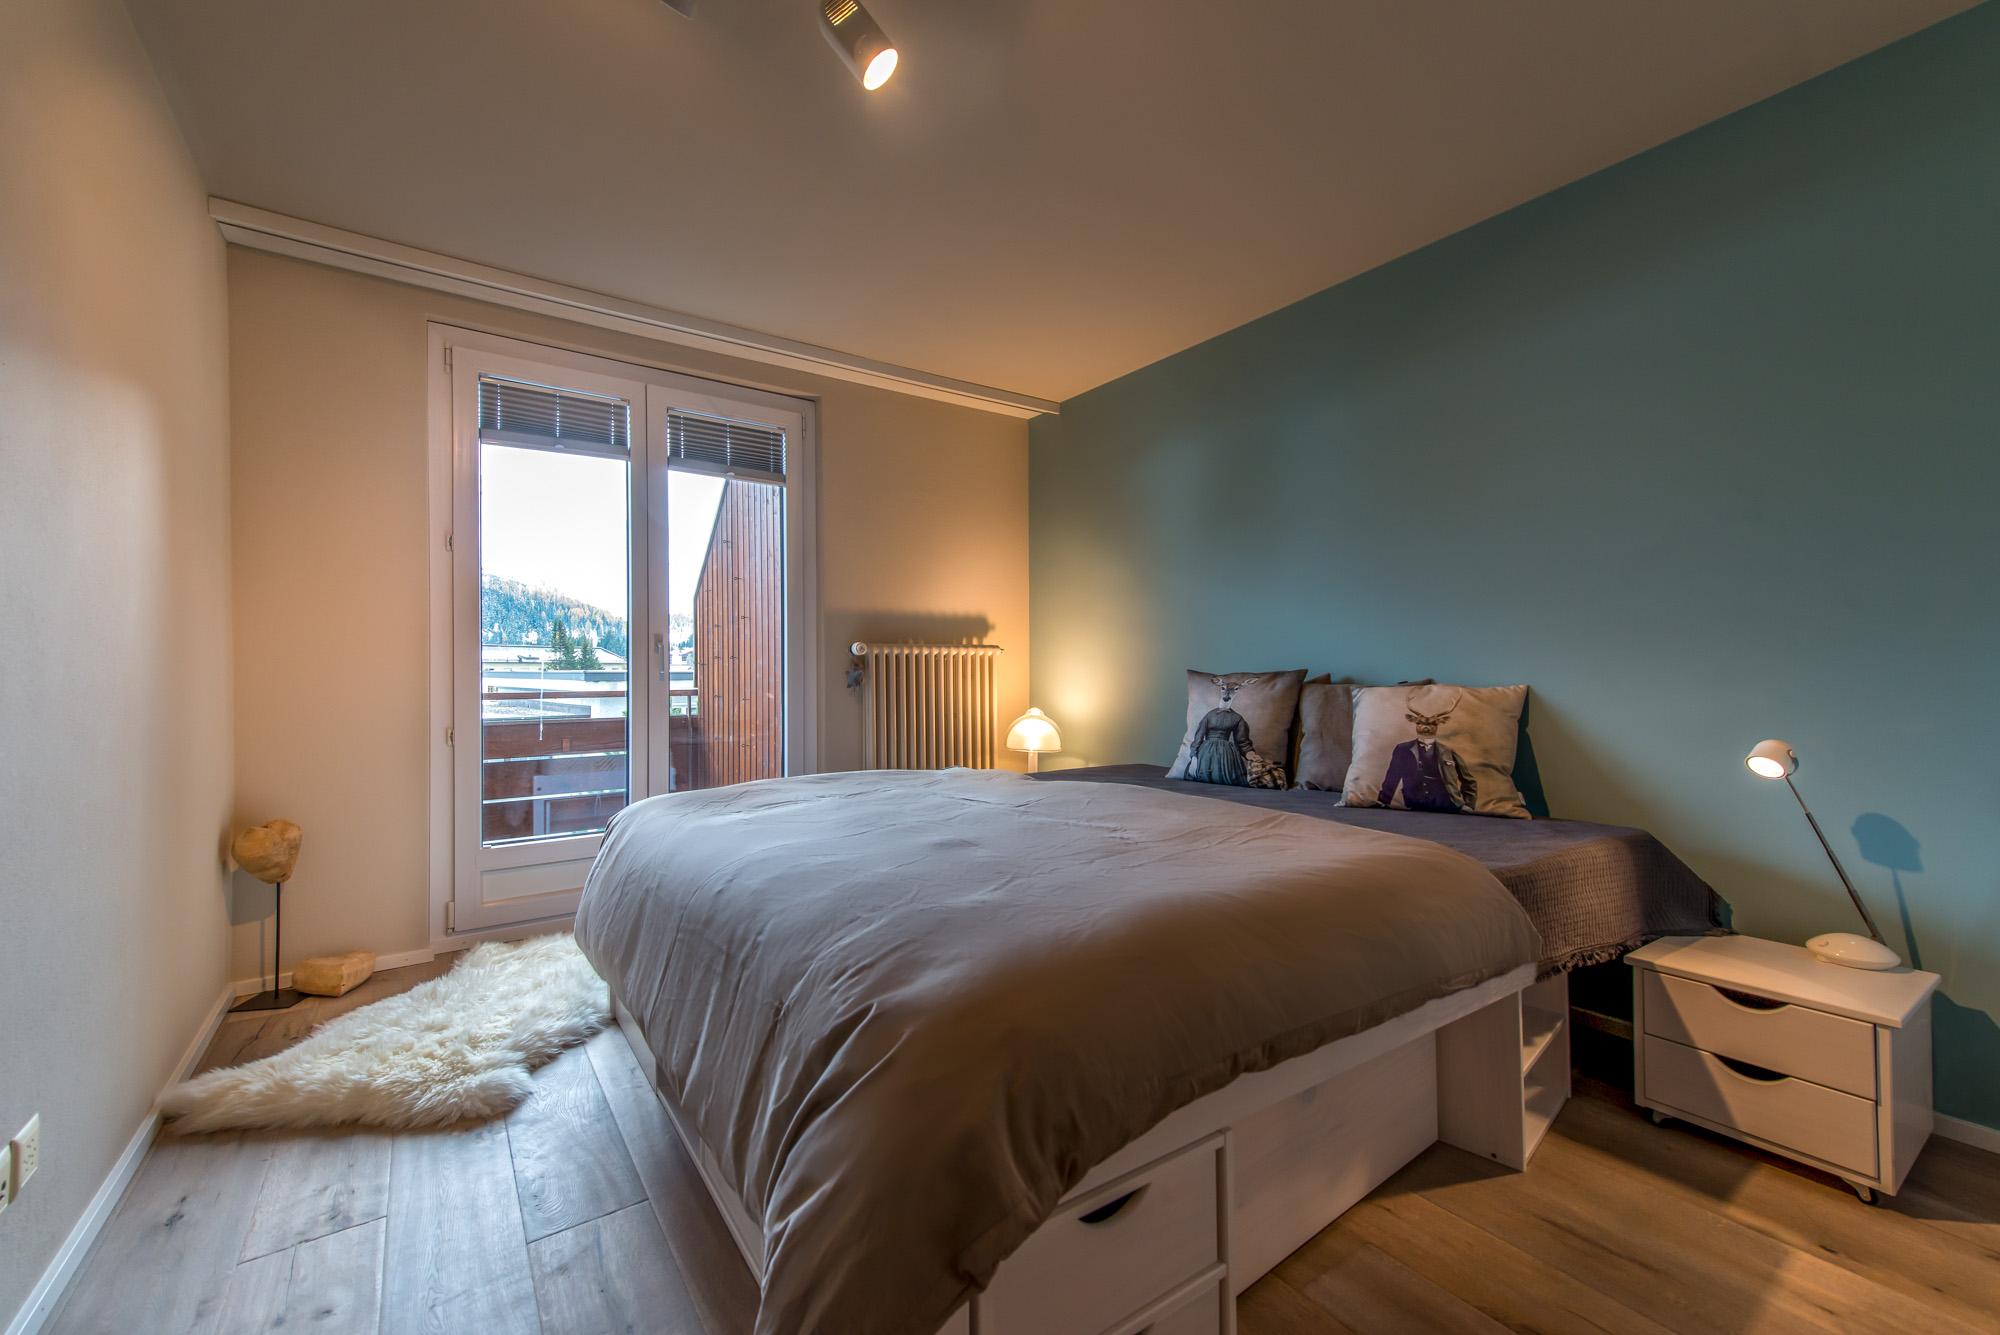 Schlafzimmer mit neuem Anstrich, Boden und Steckdosen